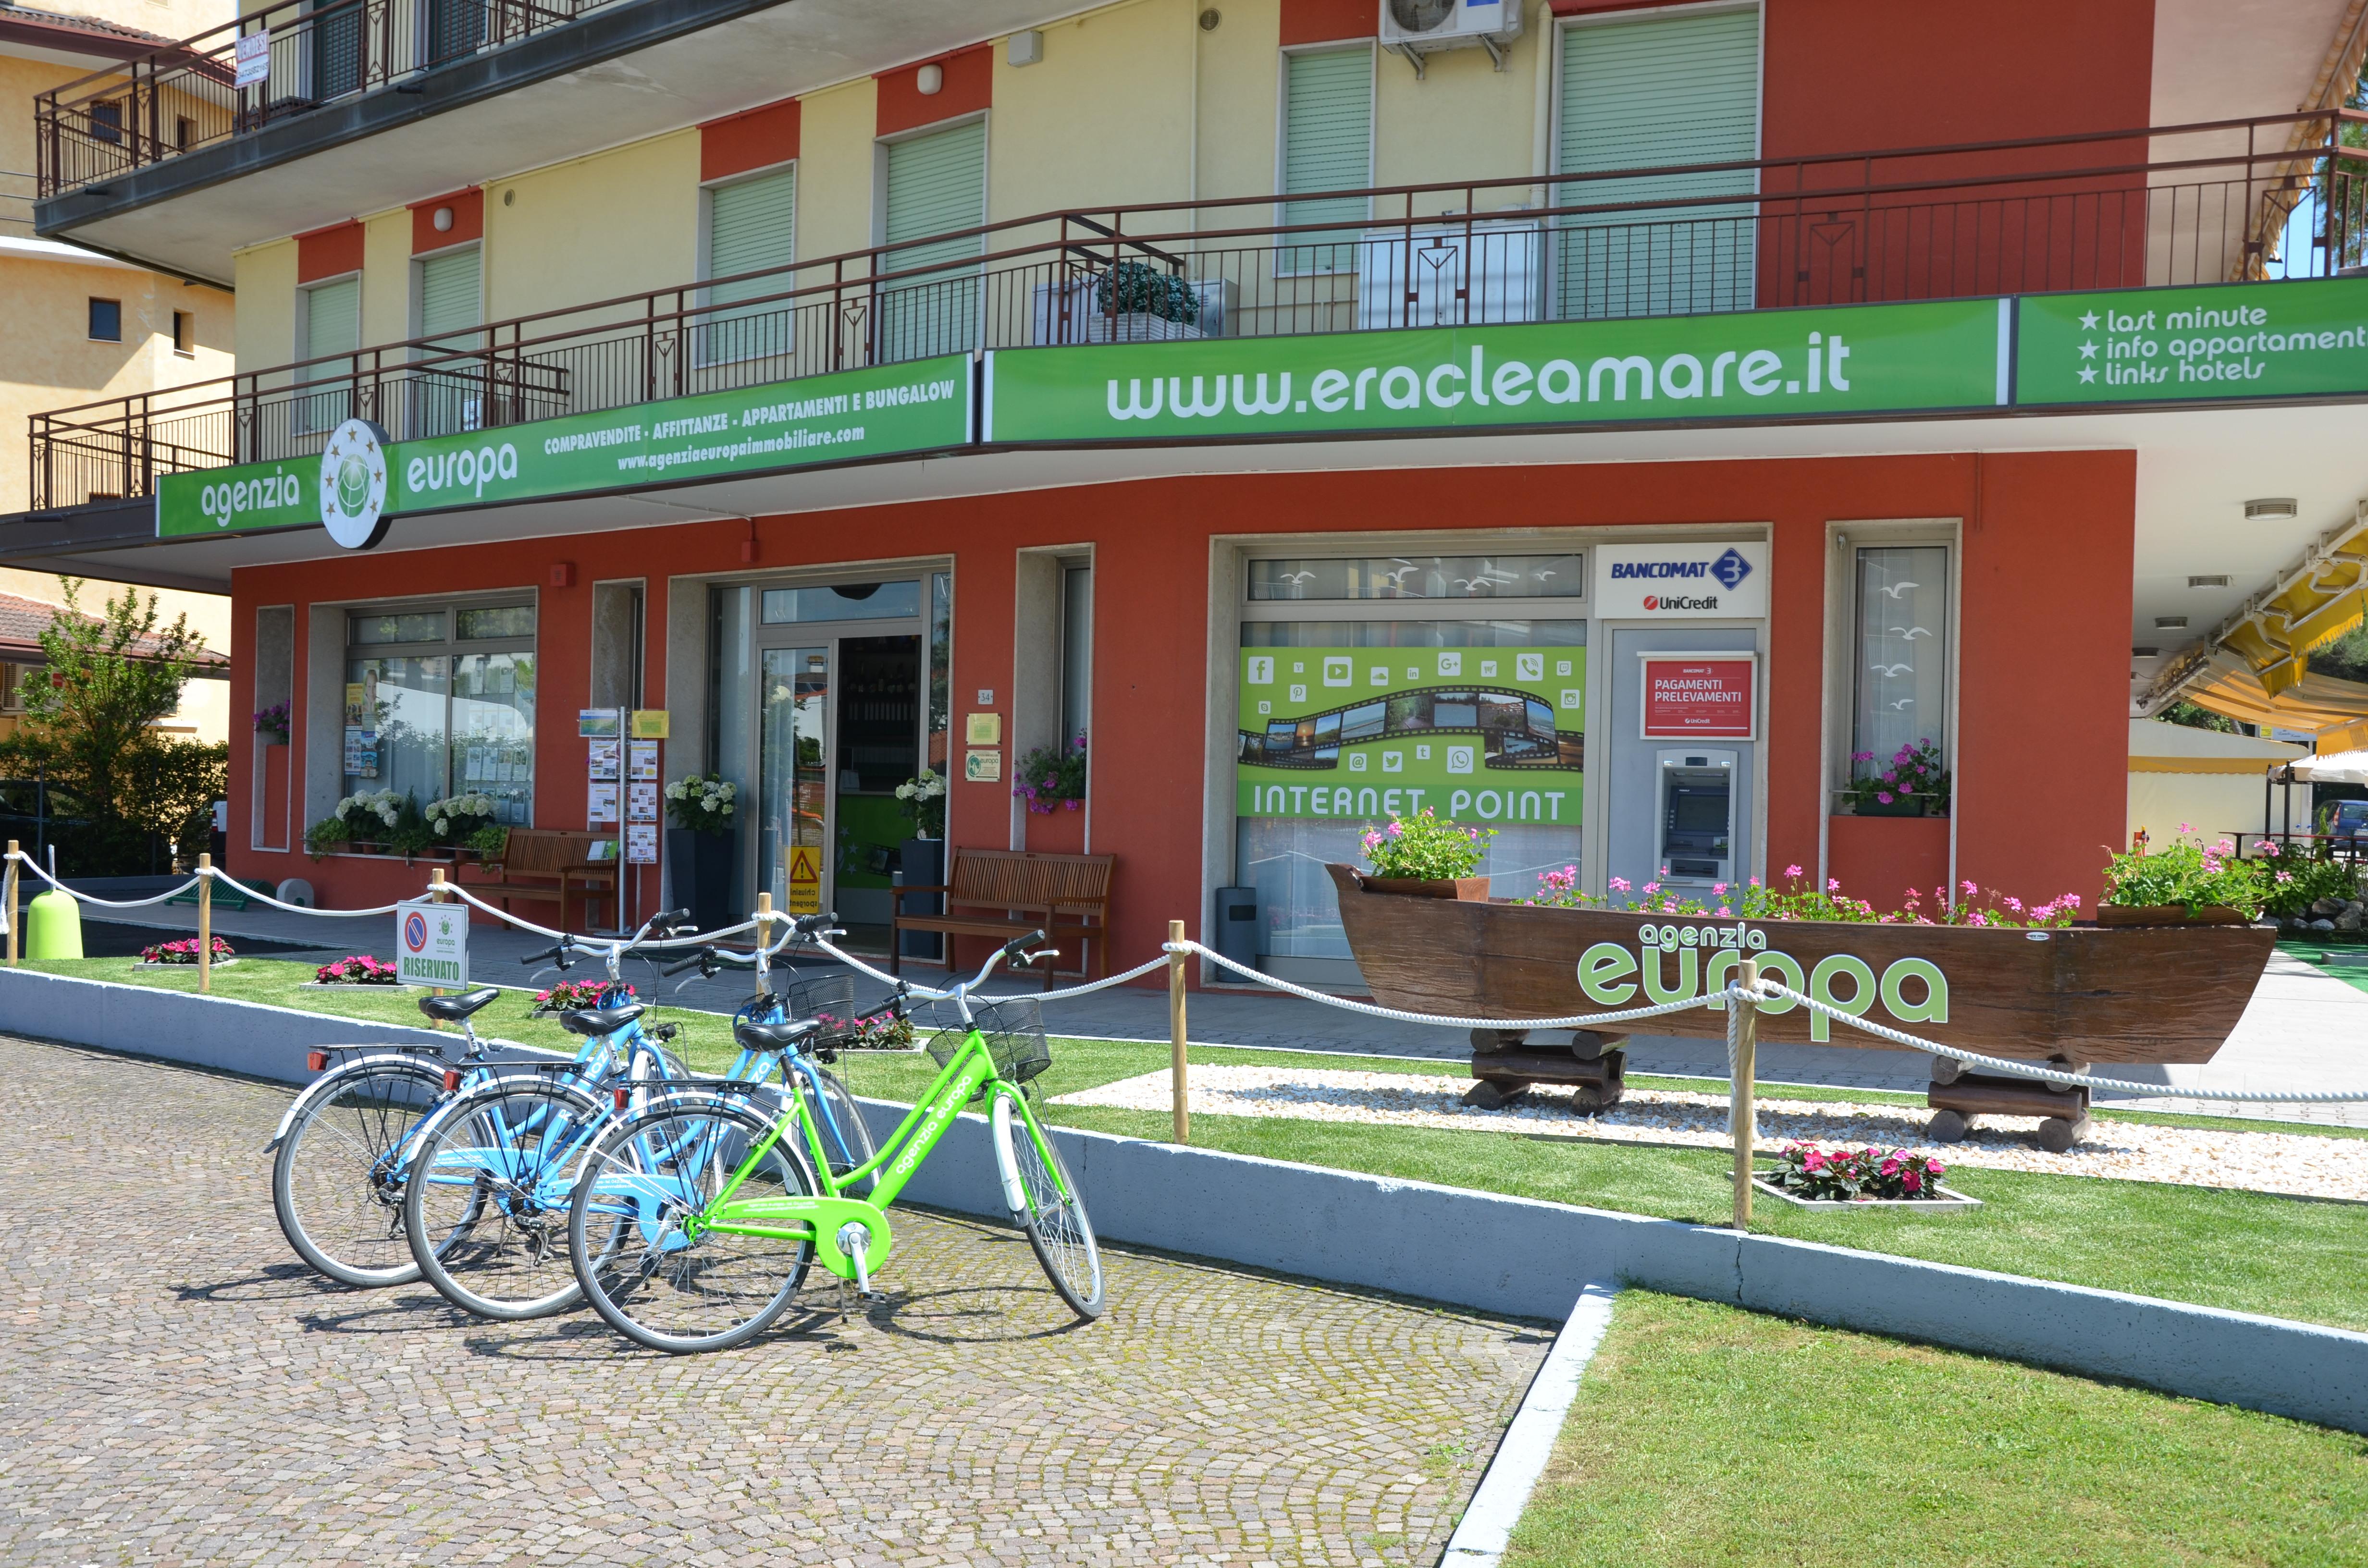 esterno agenzia europa con biciclette verdi